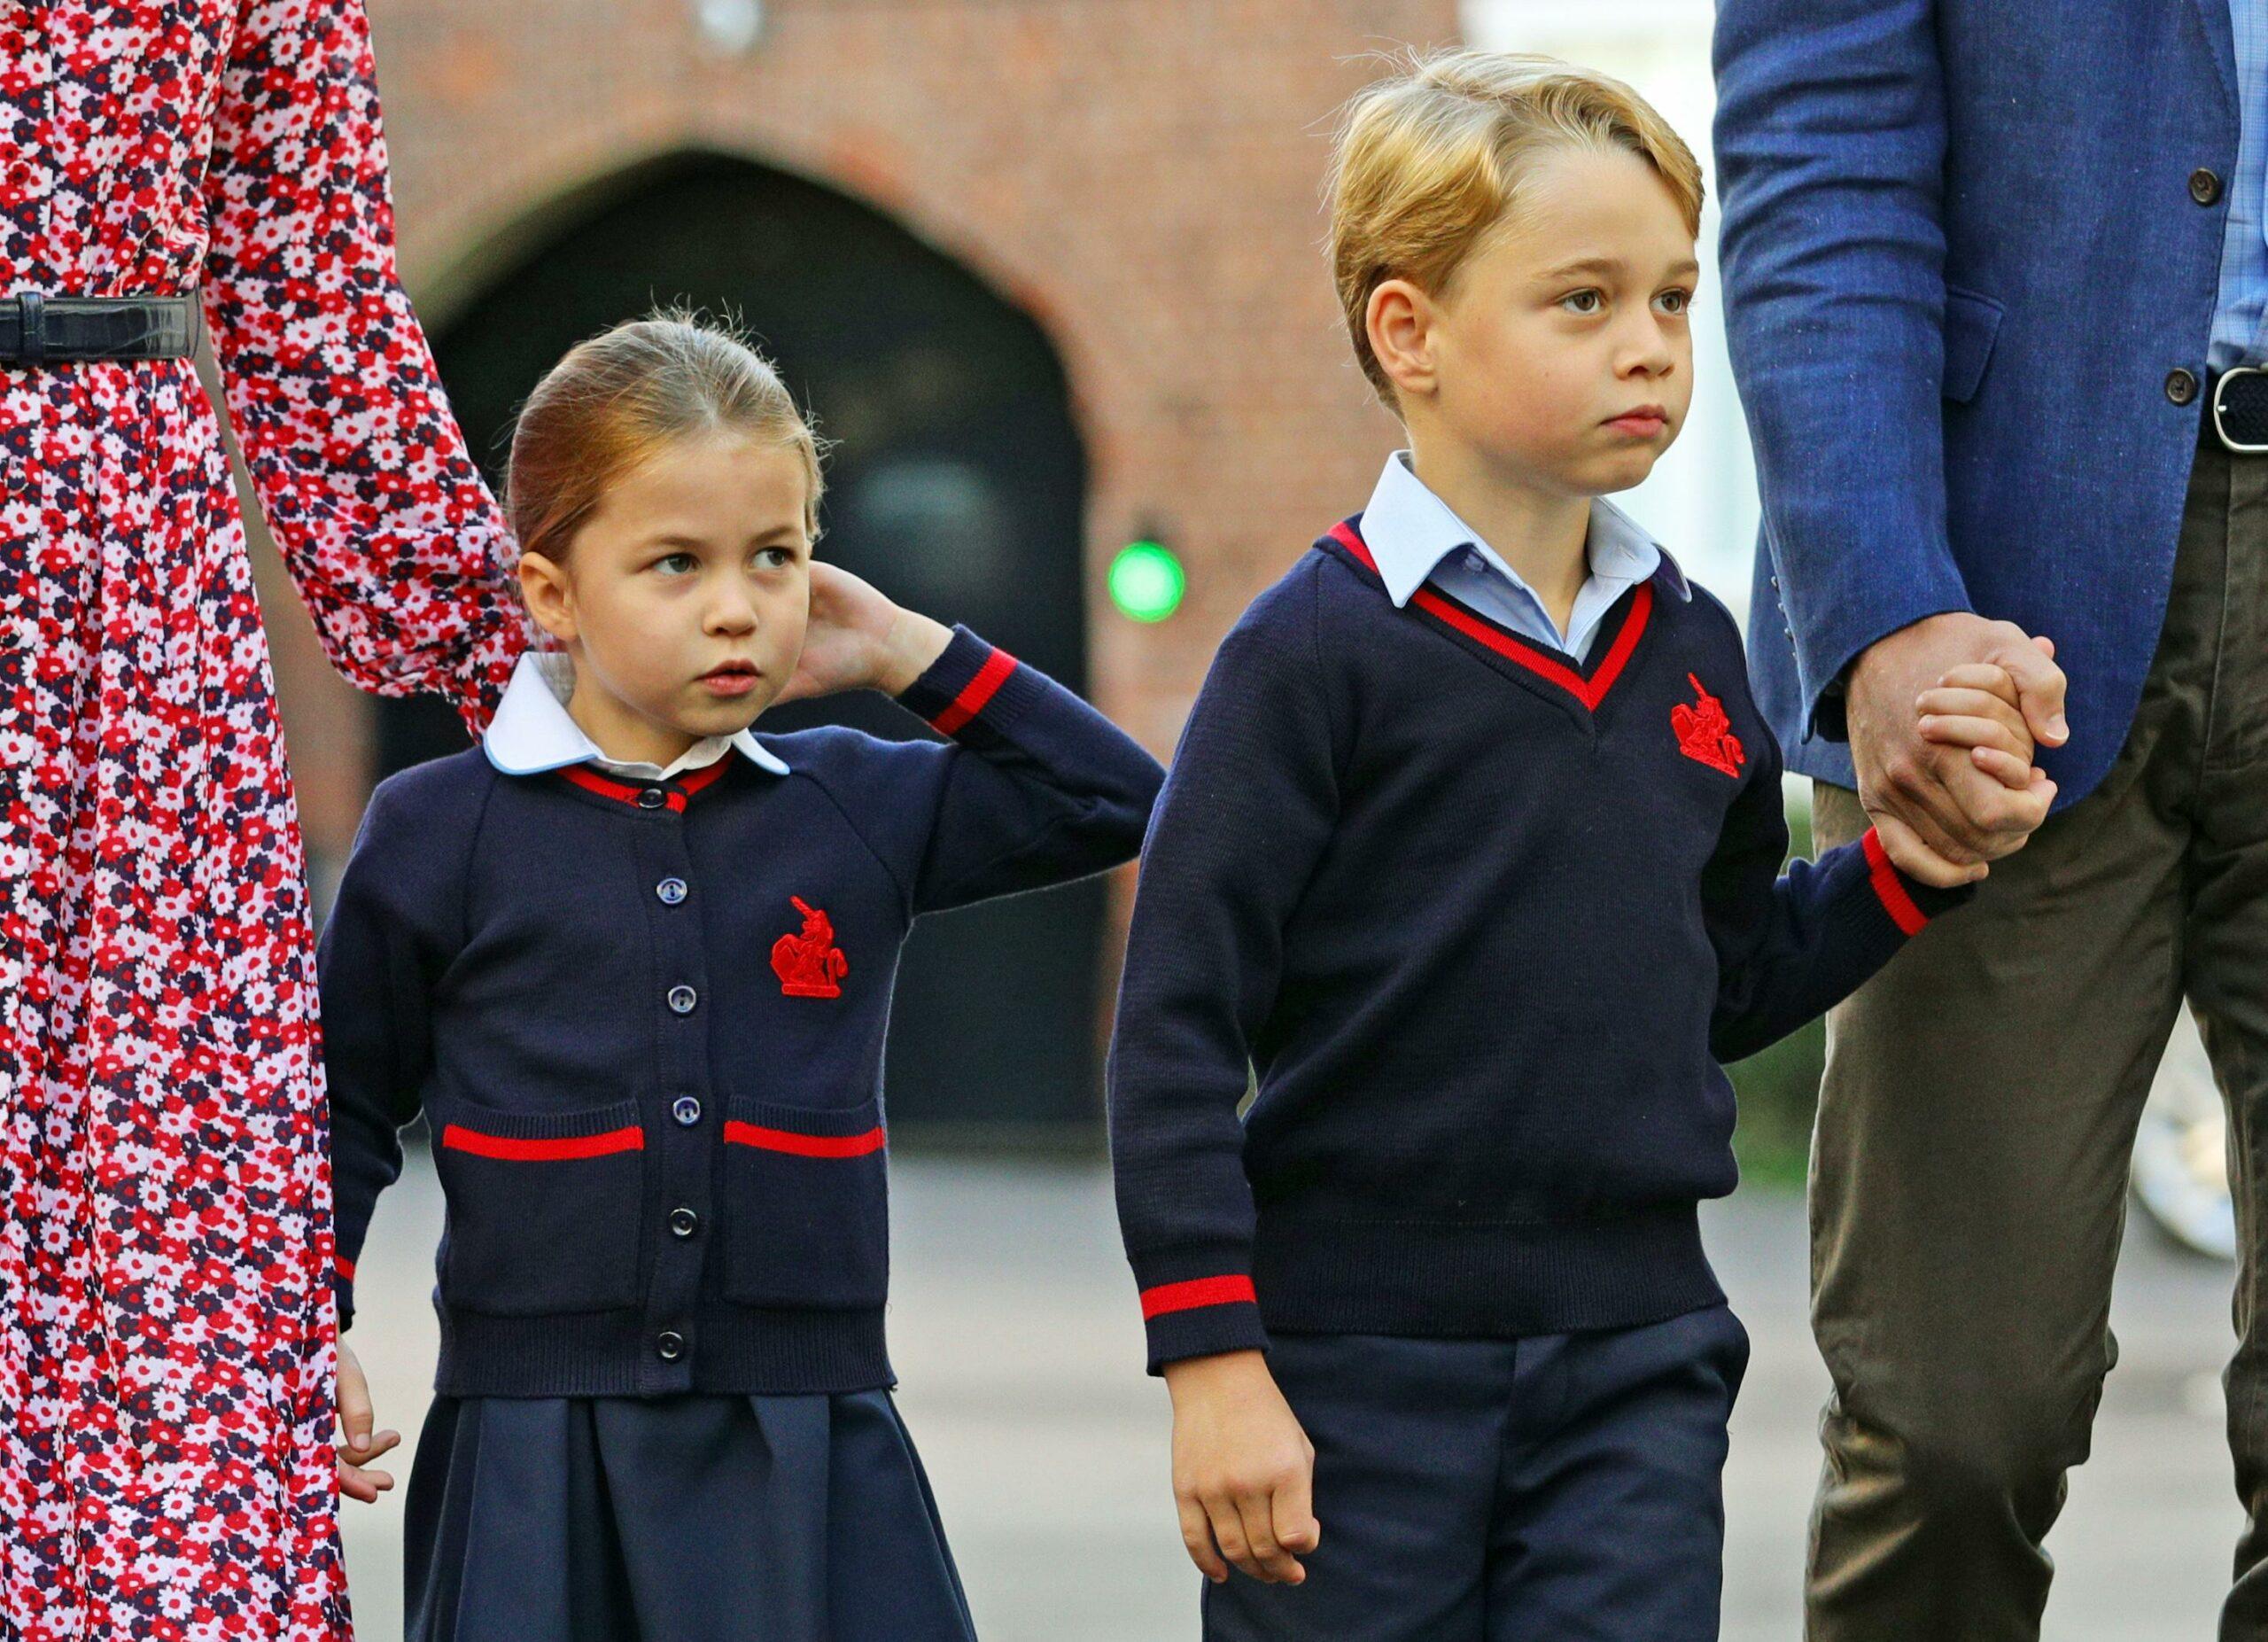 Il Coronavirus preoccupa anche i reali di Inghilterra |  è successo nella scuola di George